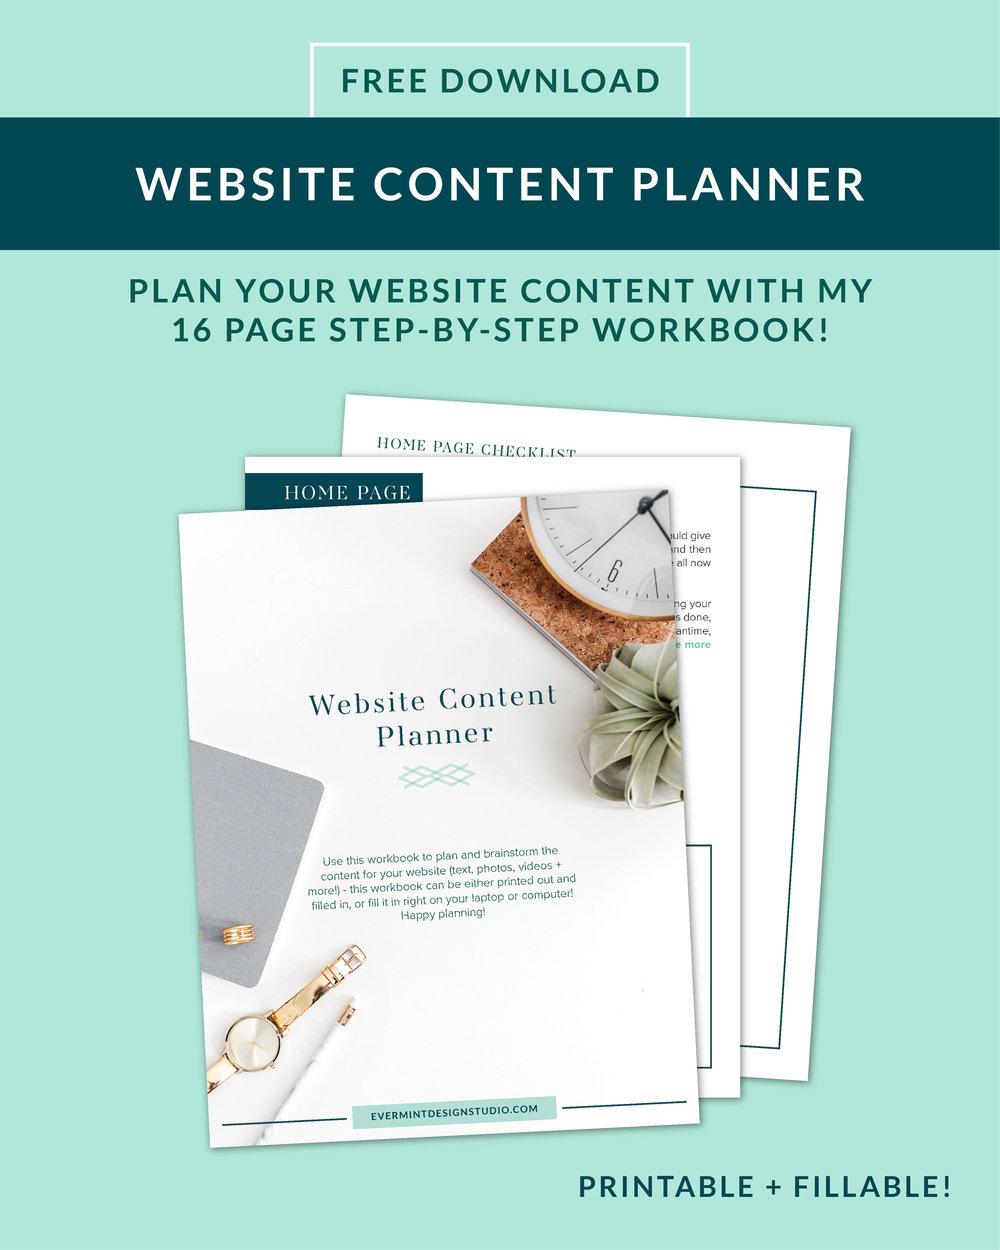 website_content_planner_optin-01.jpg